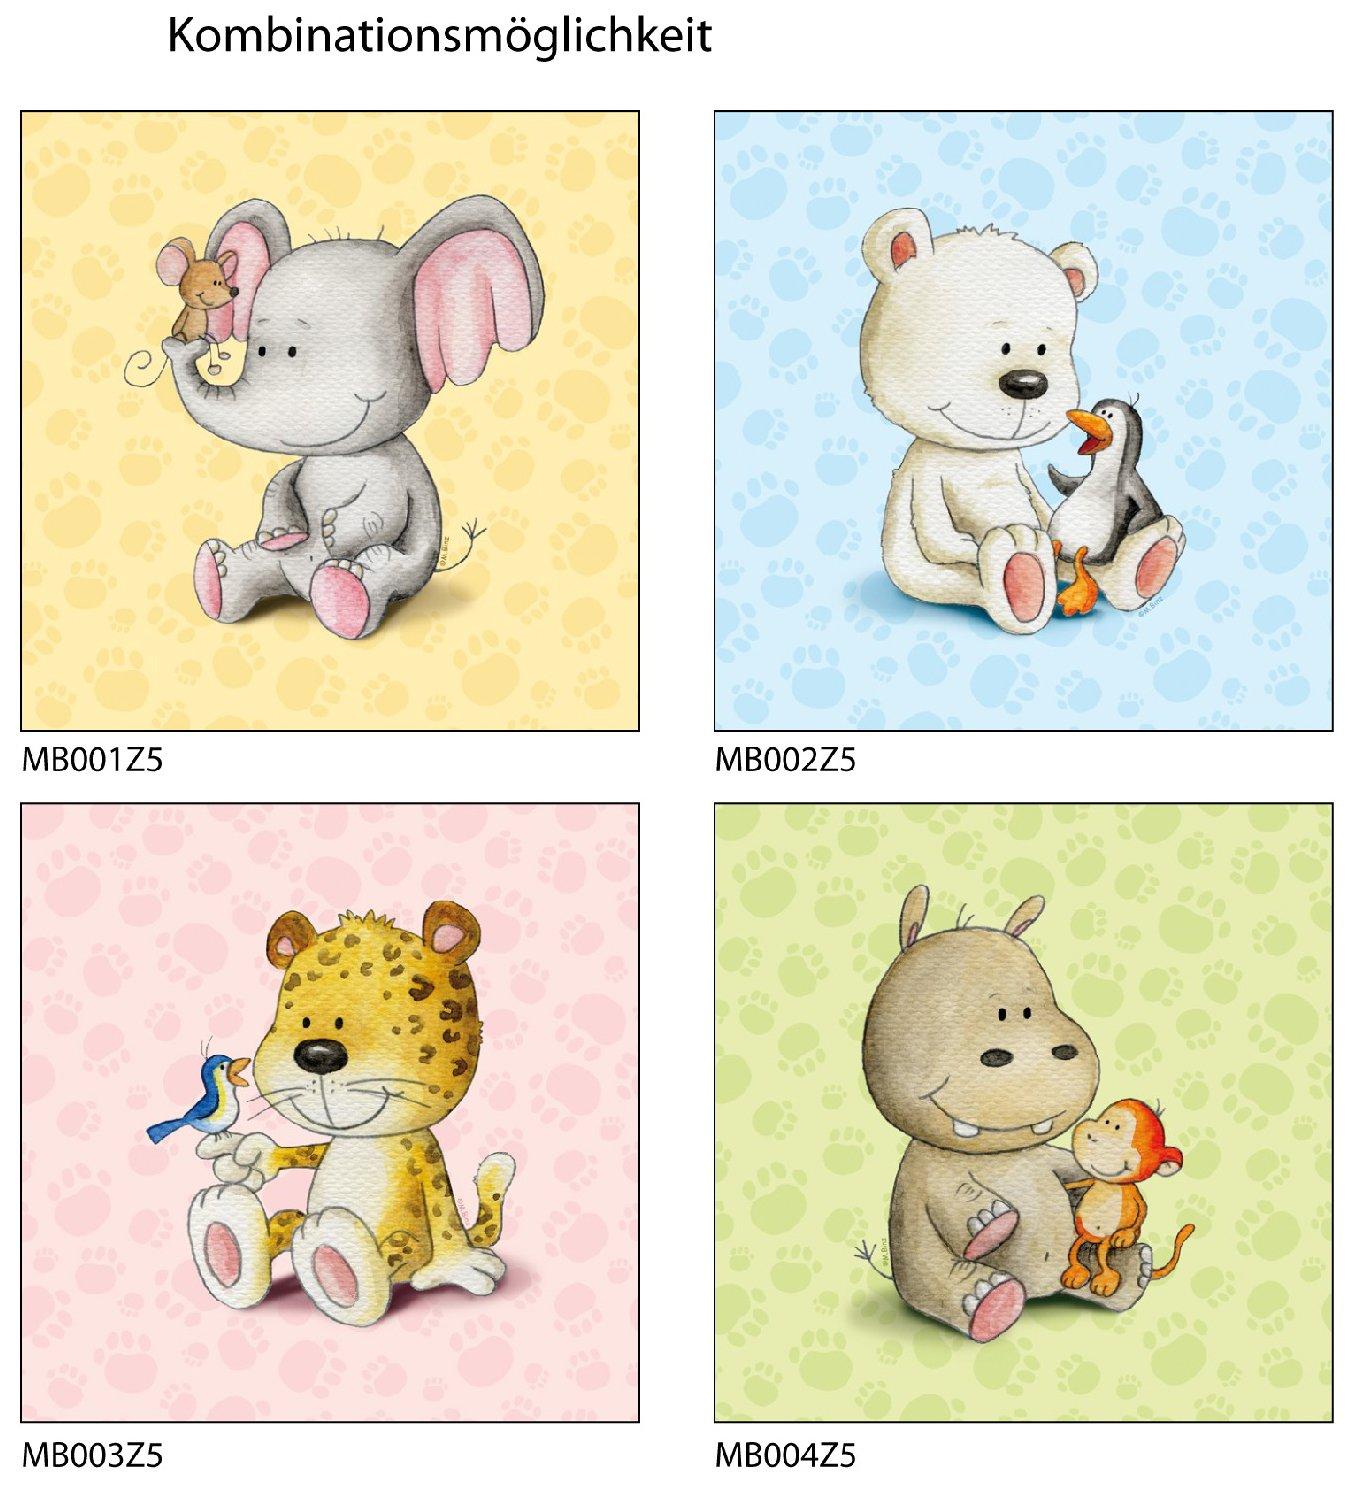 Pro-Art mb004z5 Canvas-Art